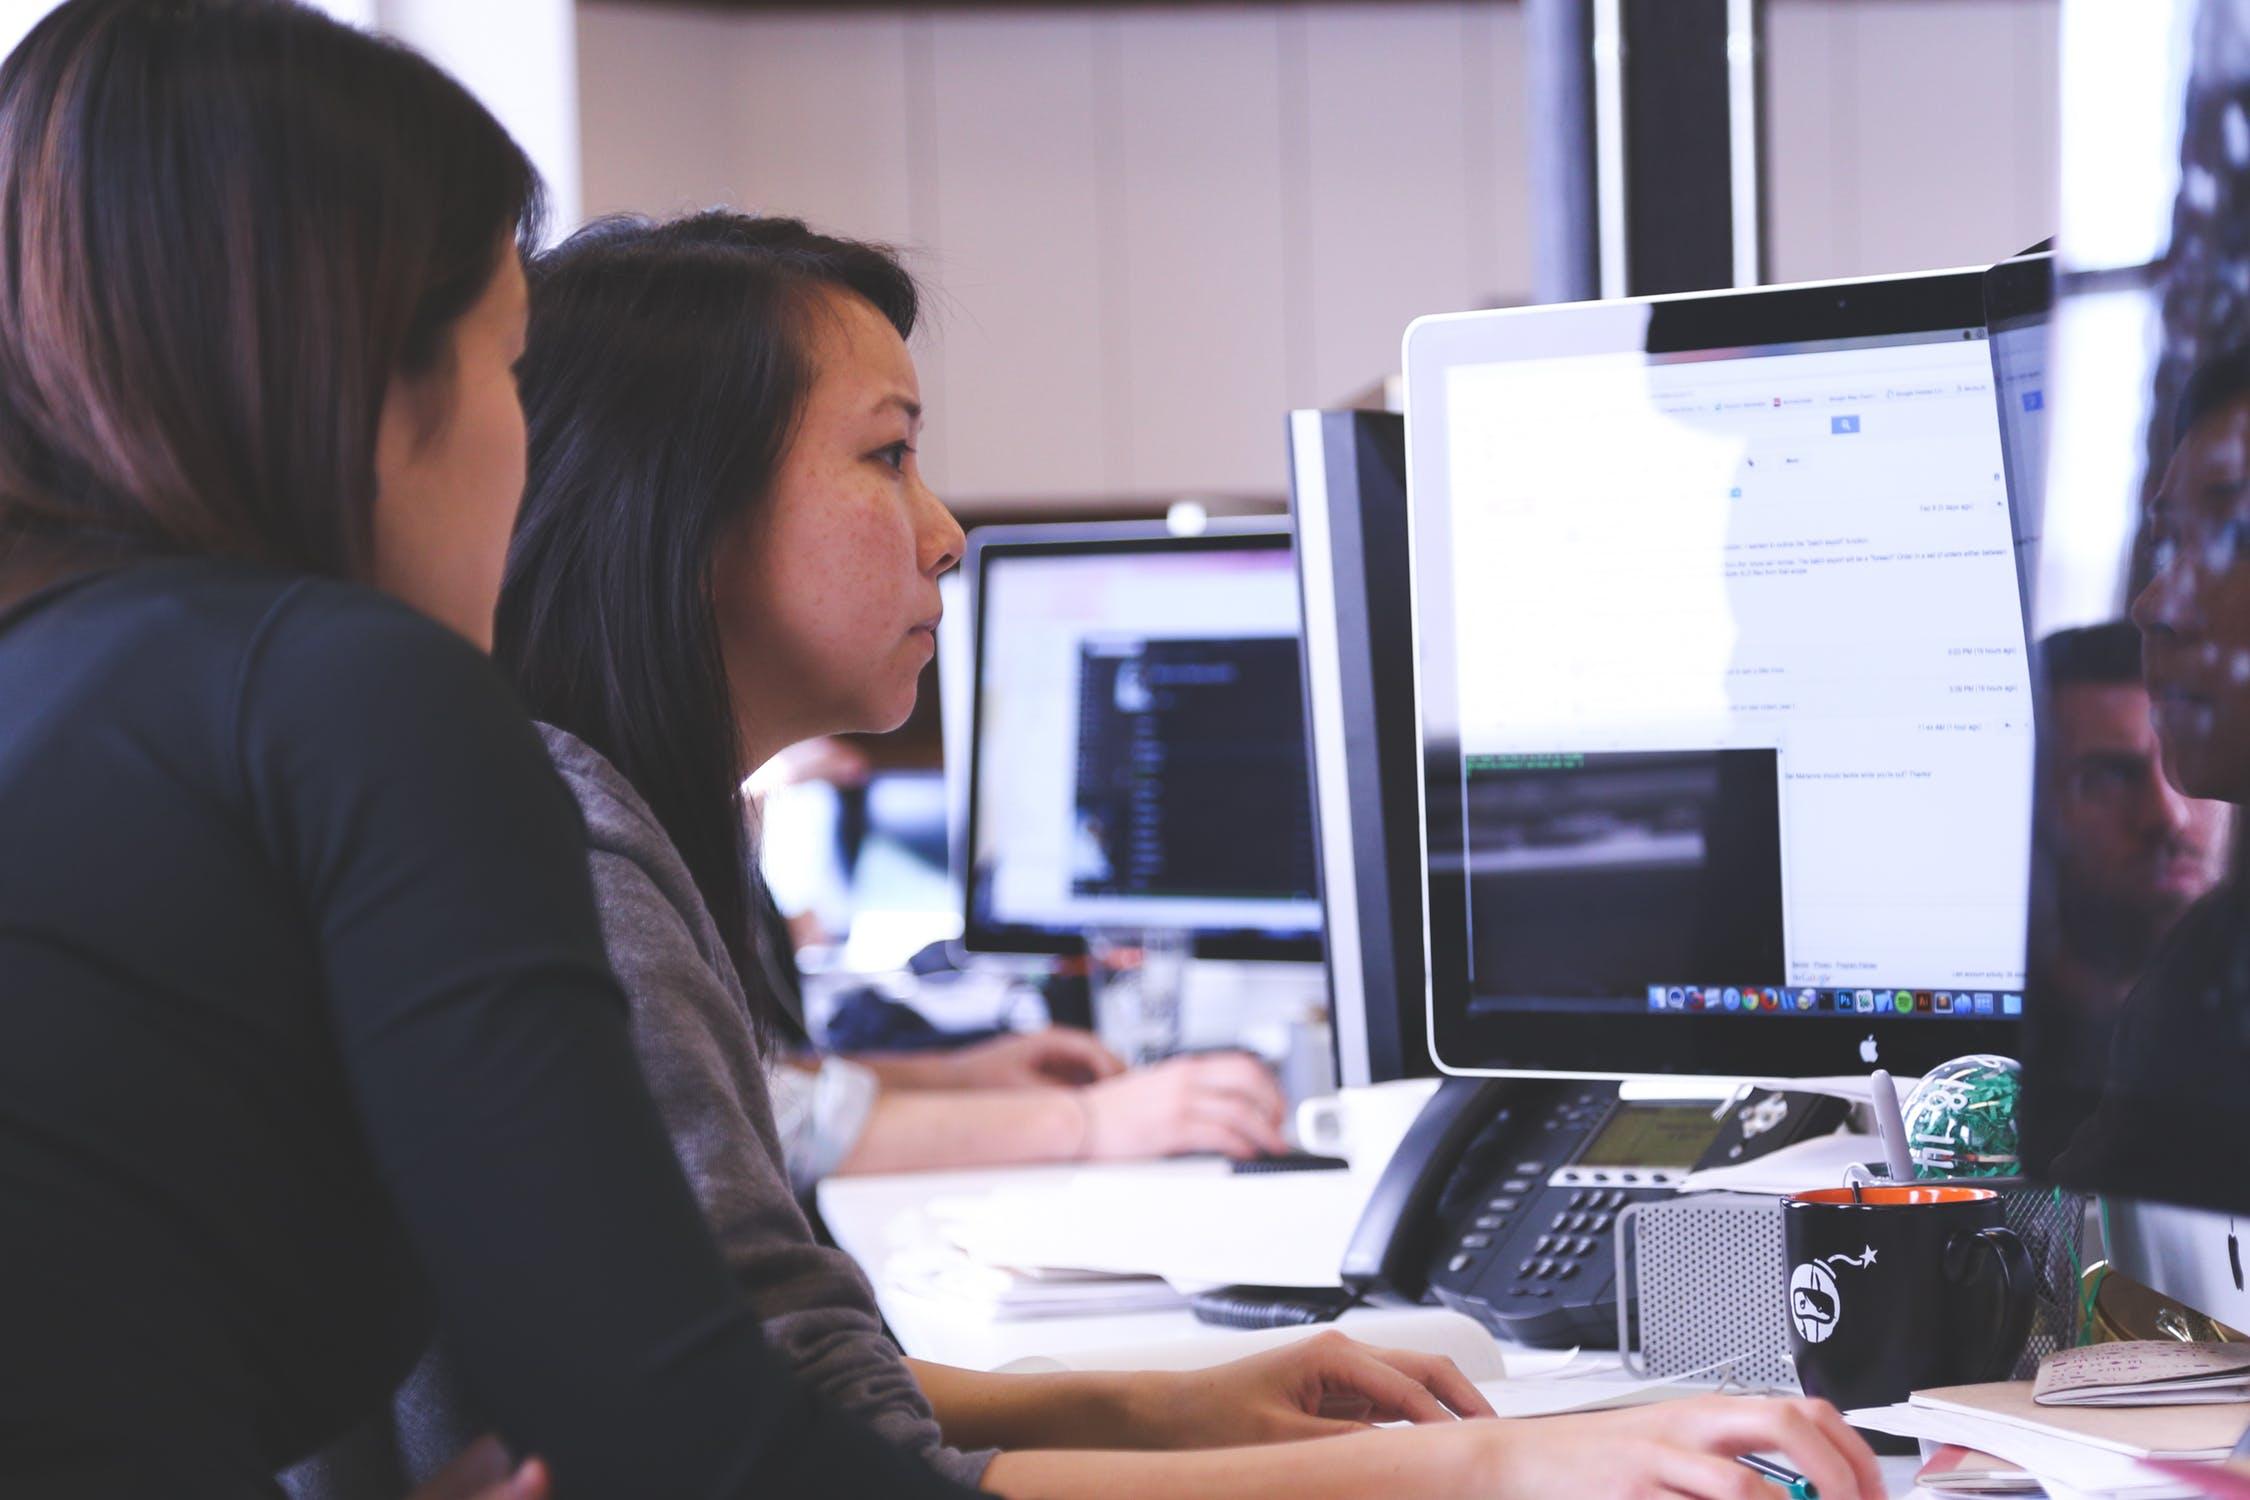 Two women looking a desktop.